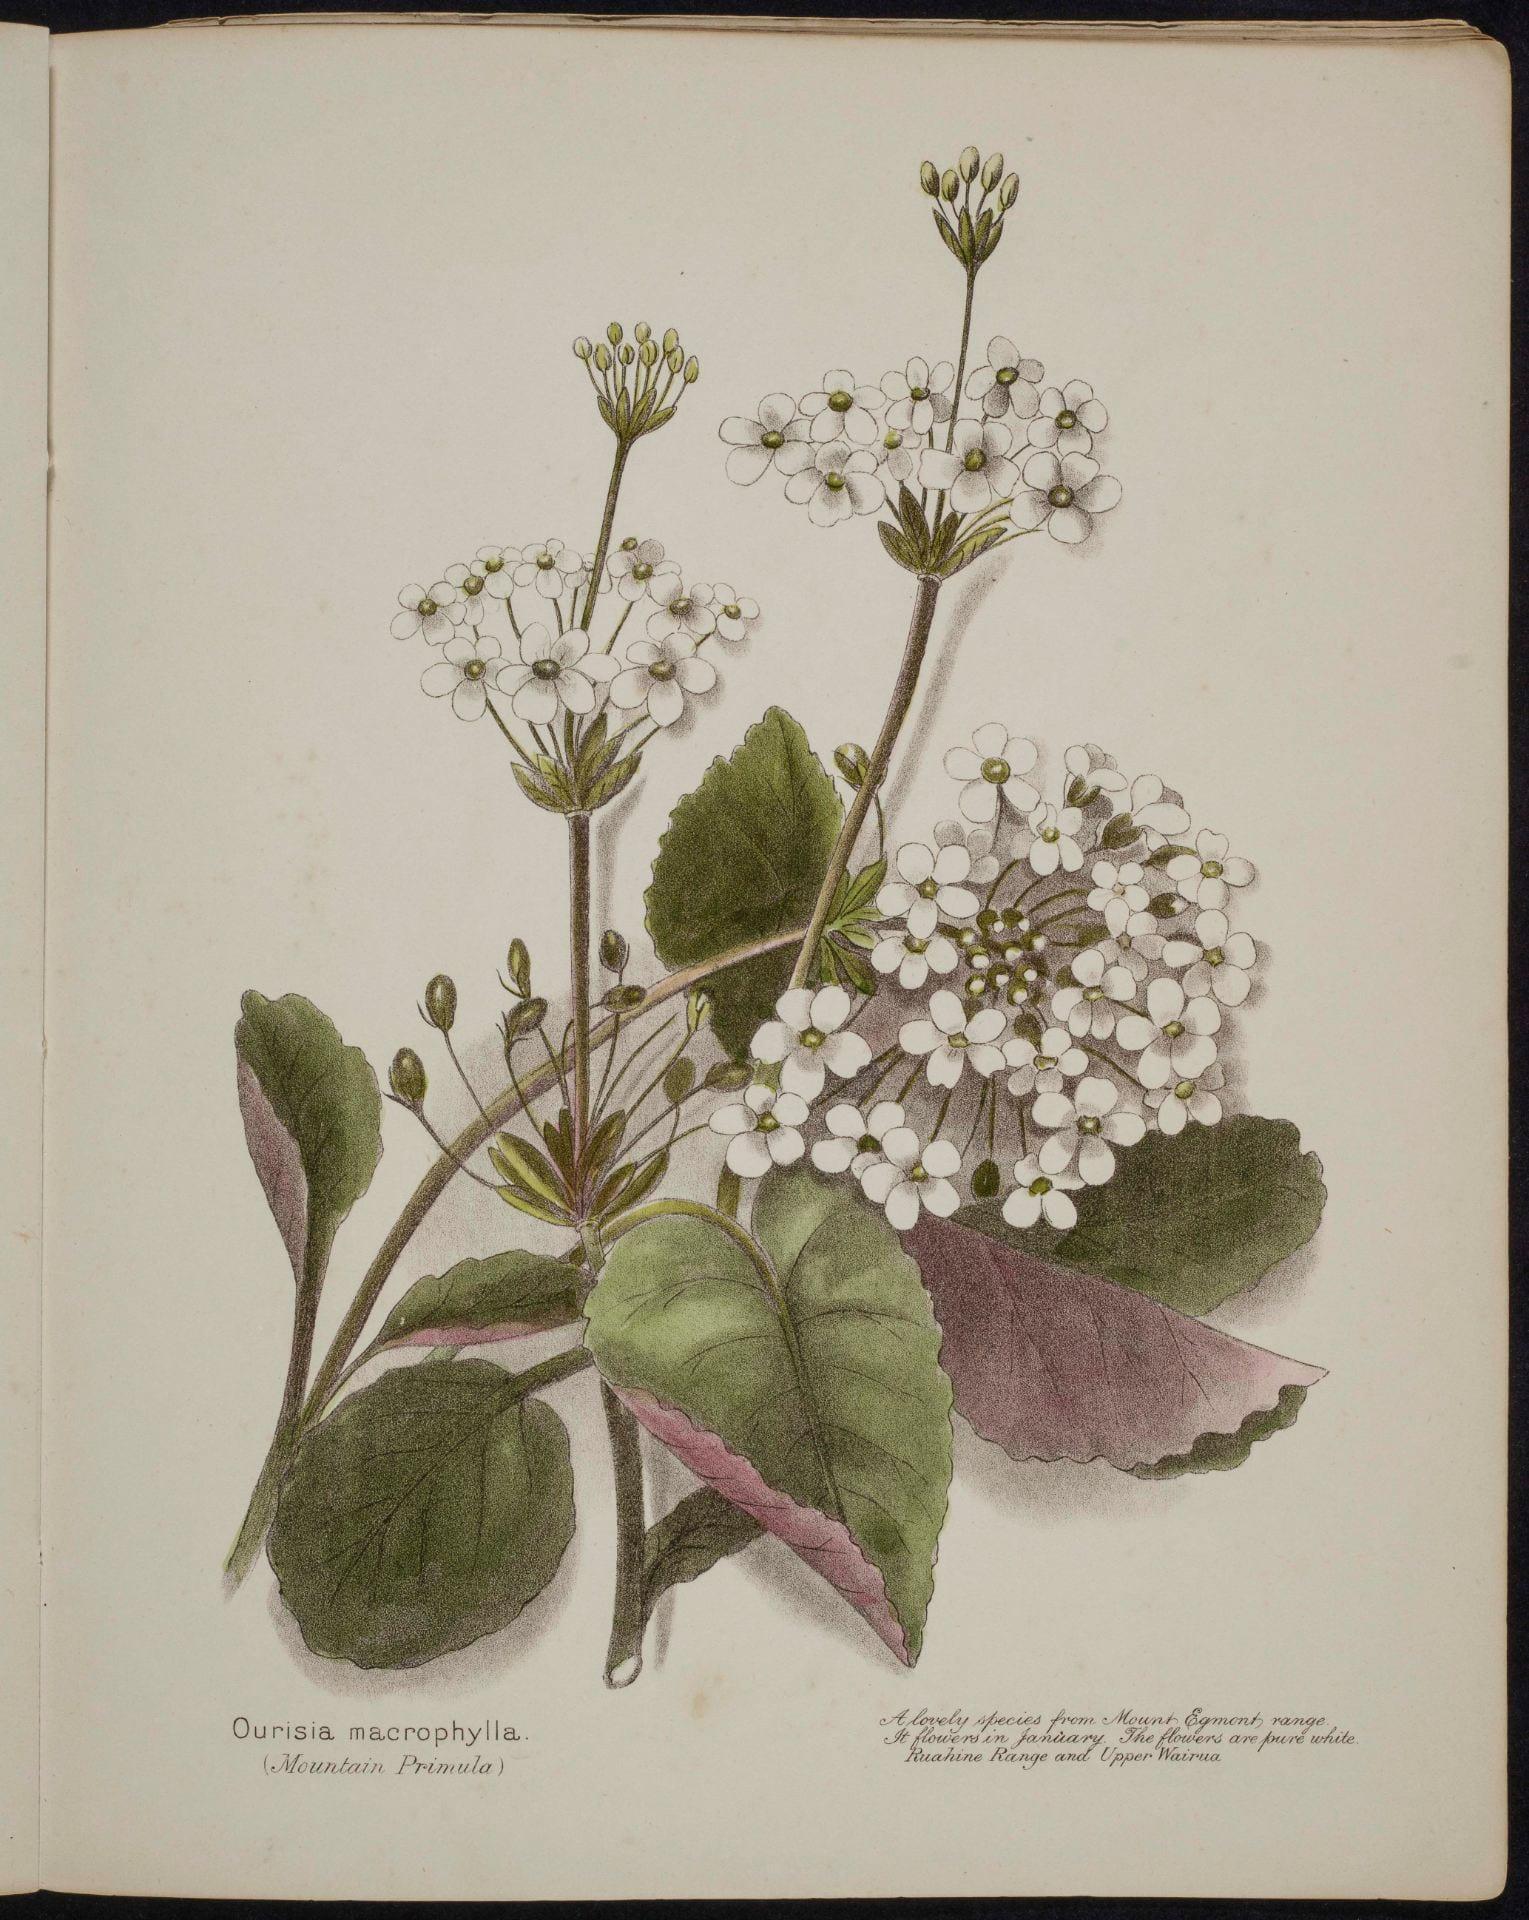 Ourisia macrophylia Mountain Primula